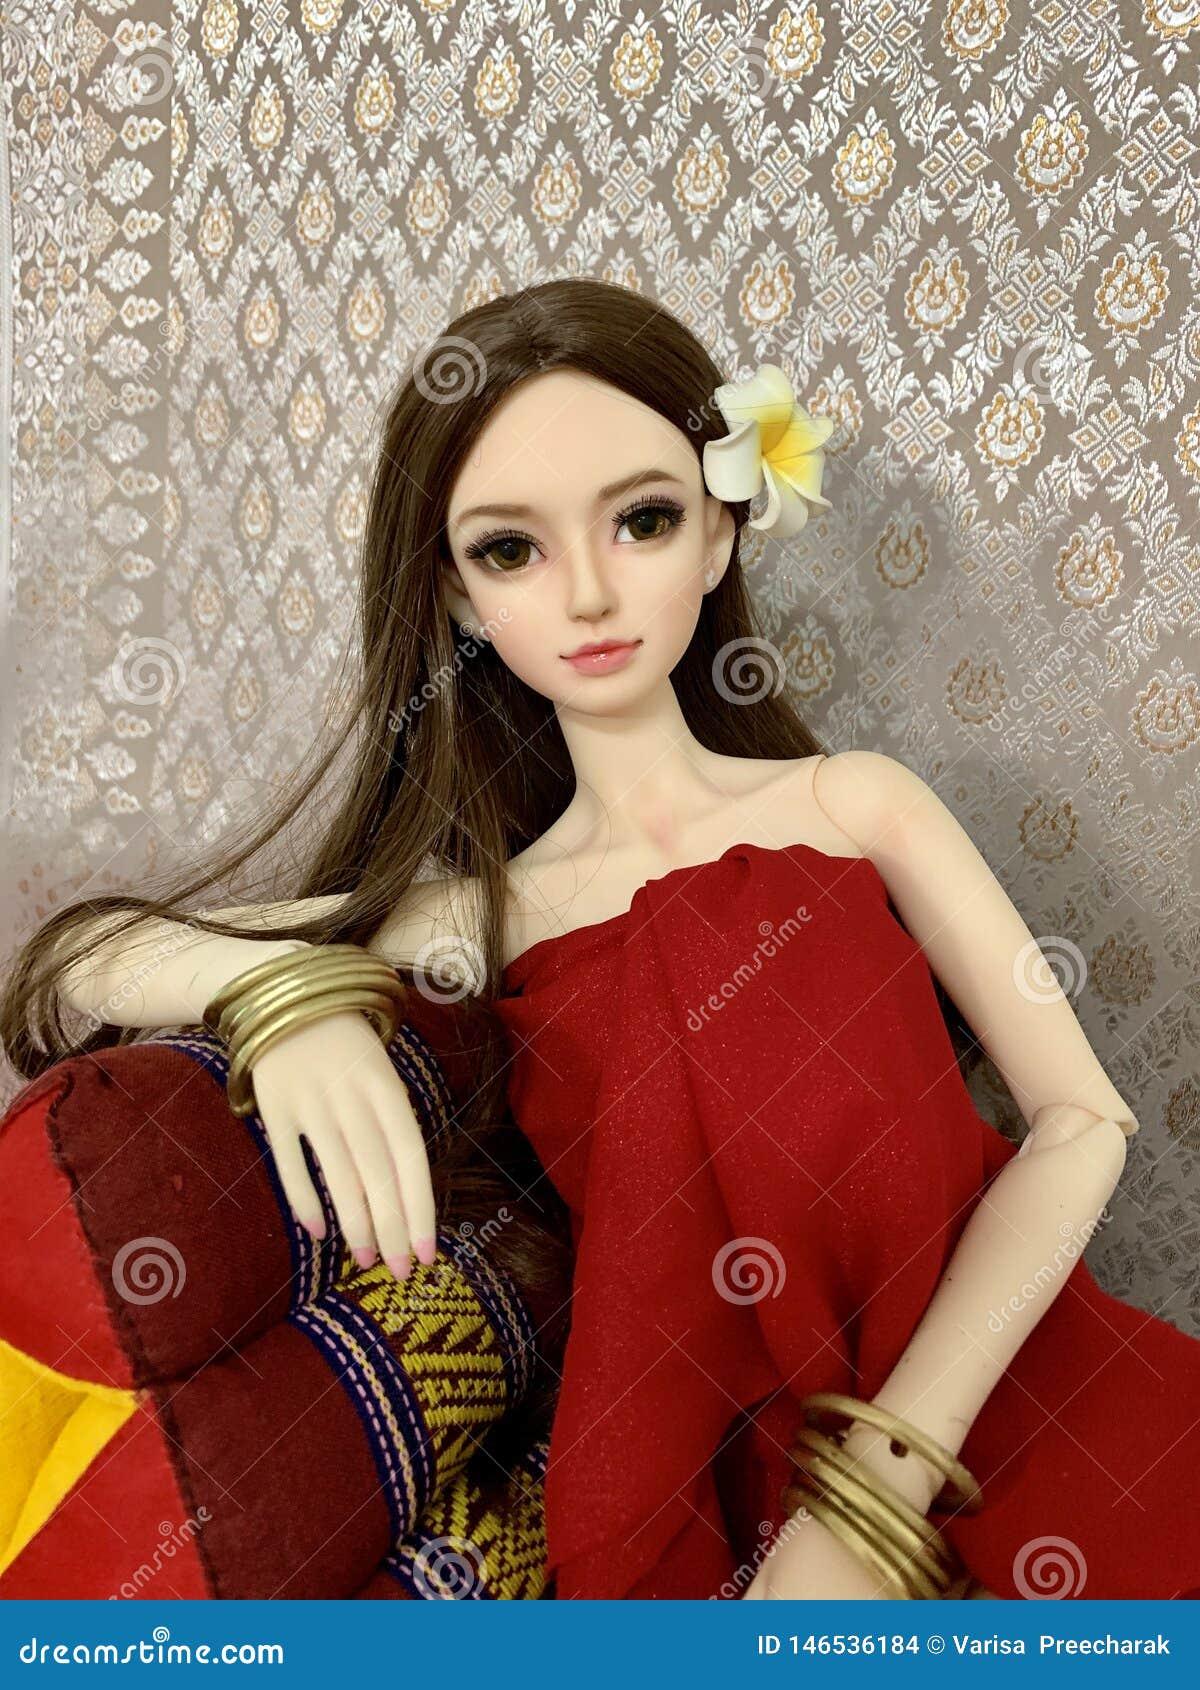 Muñeca como mujer real, muñeca de la junta de rótula